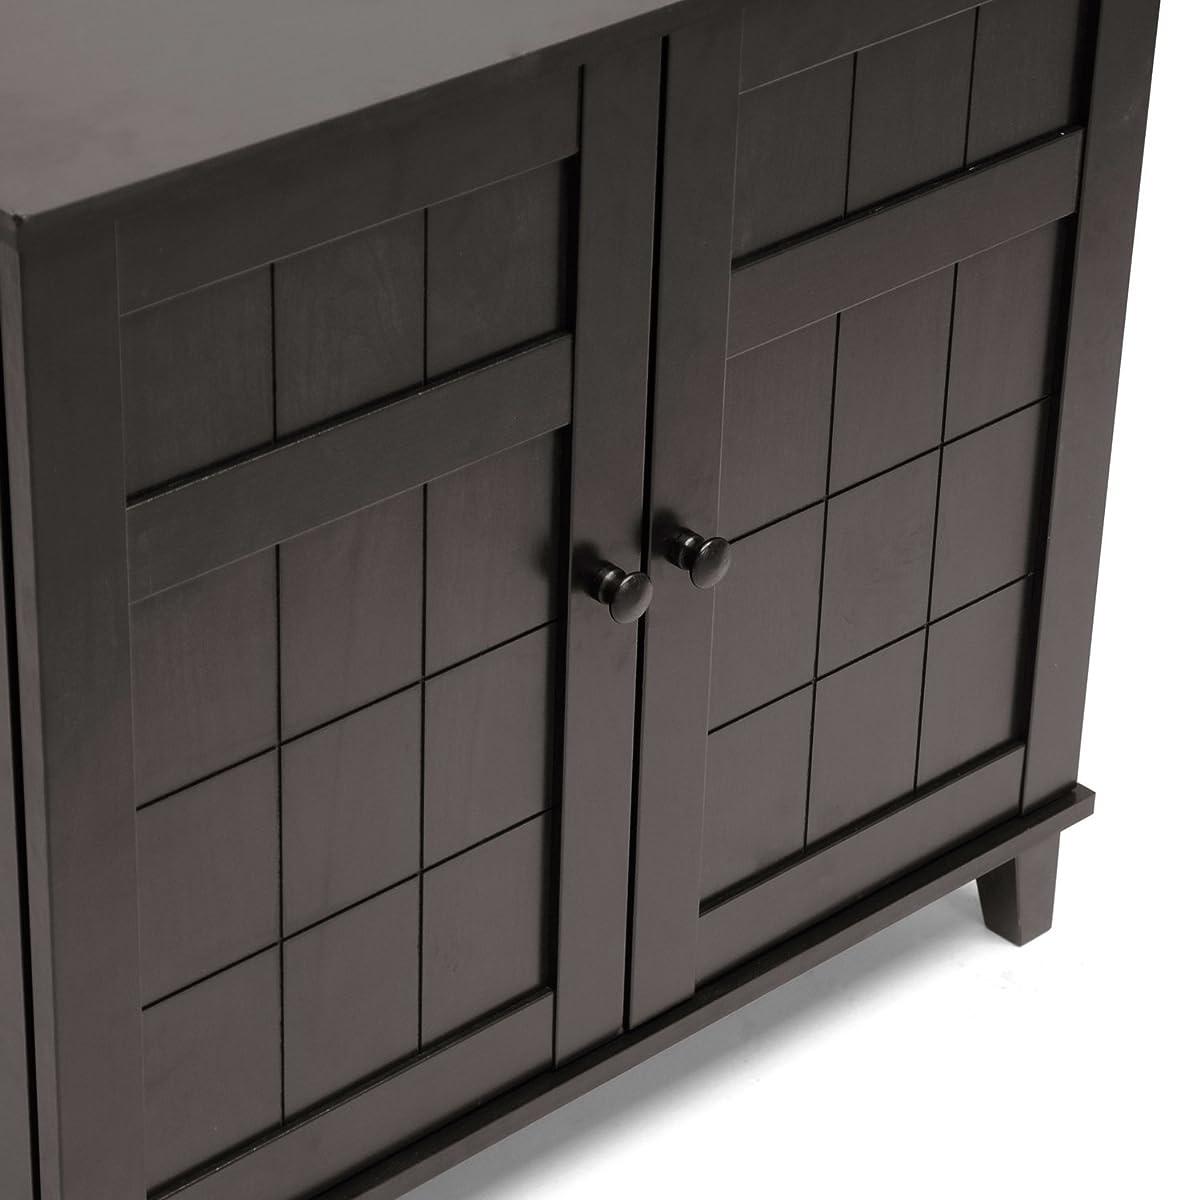 Baxton Studio Glidden Wood Modern Shoe Cabinet, Short, Dark Brown